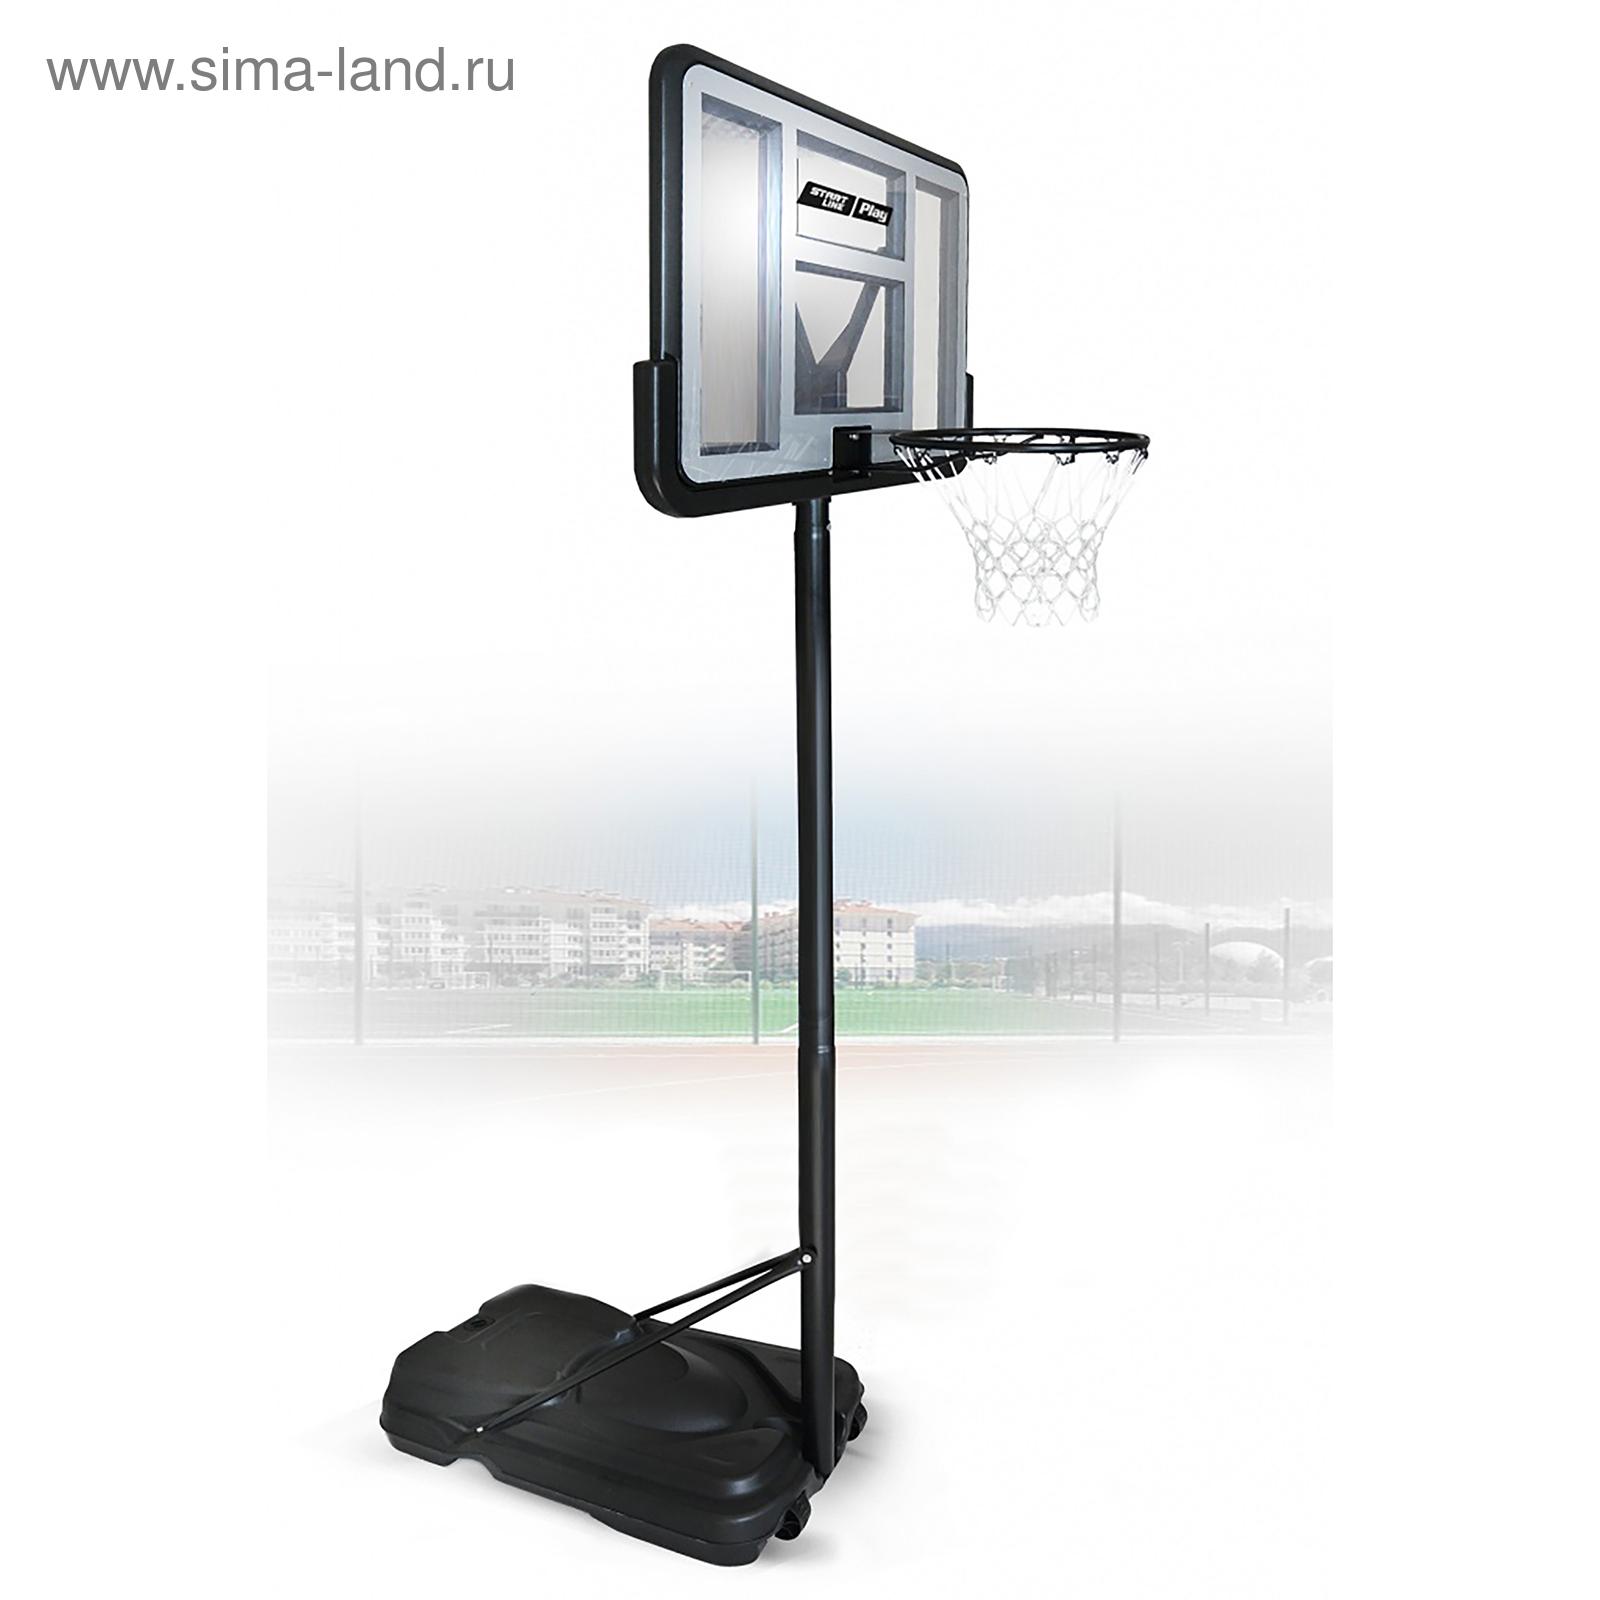 2abfc918 Баскетбольная стойка Standart 020 (высота 230-305 см, р-р. щита ...